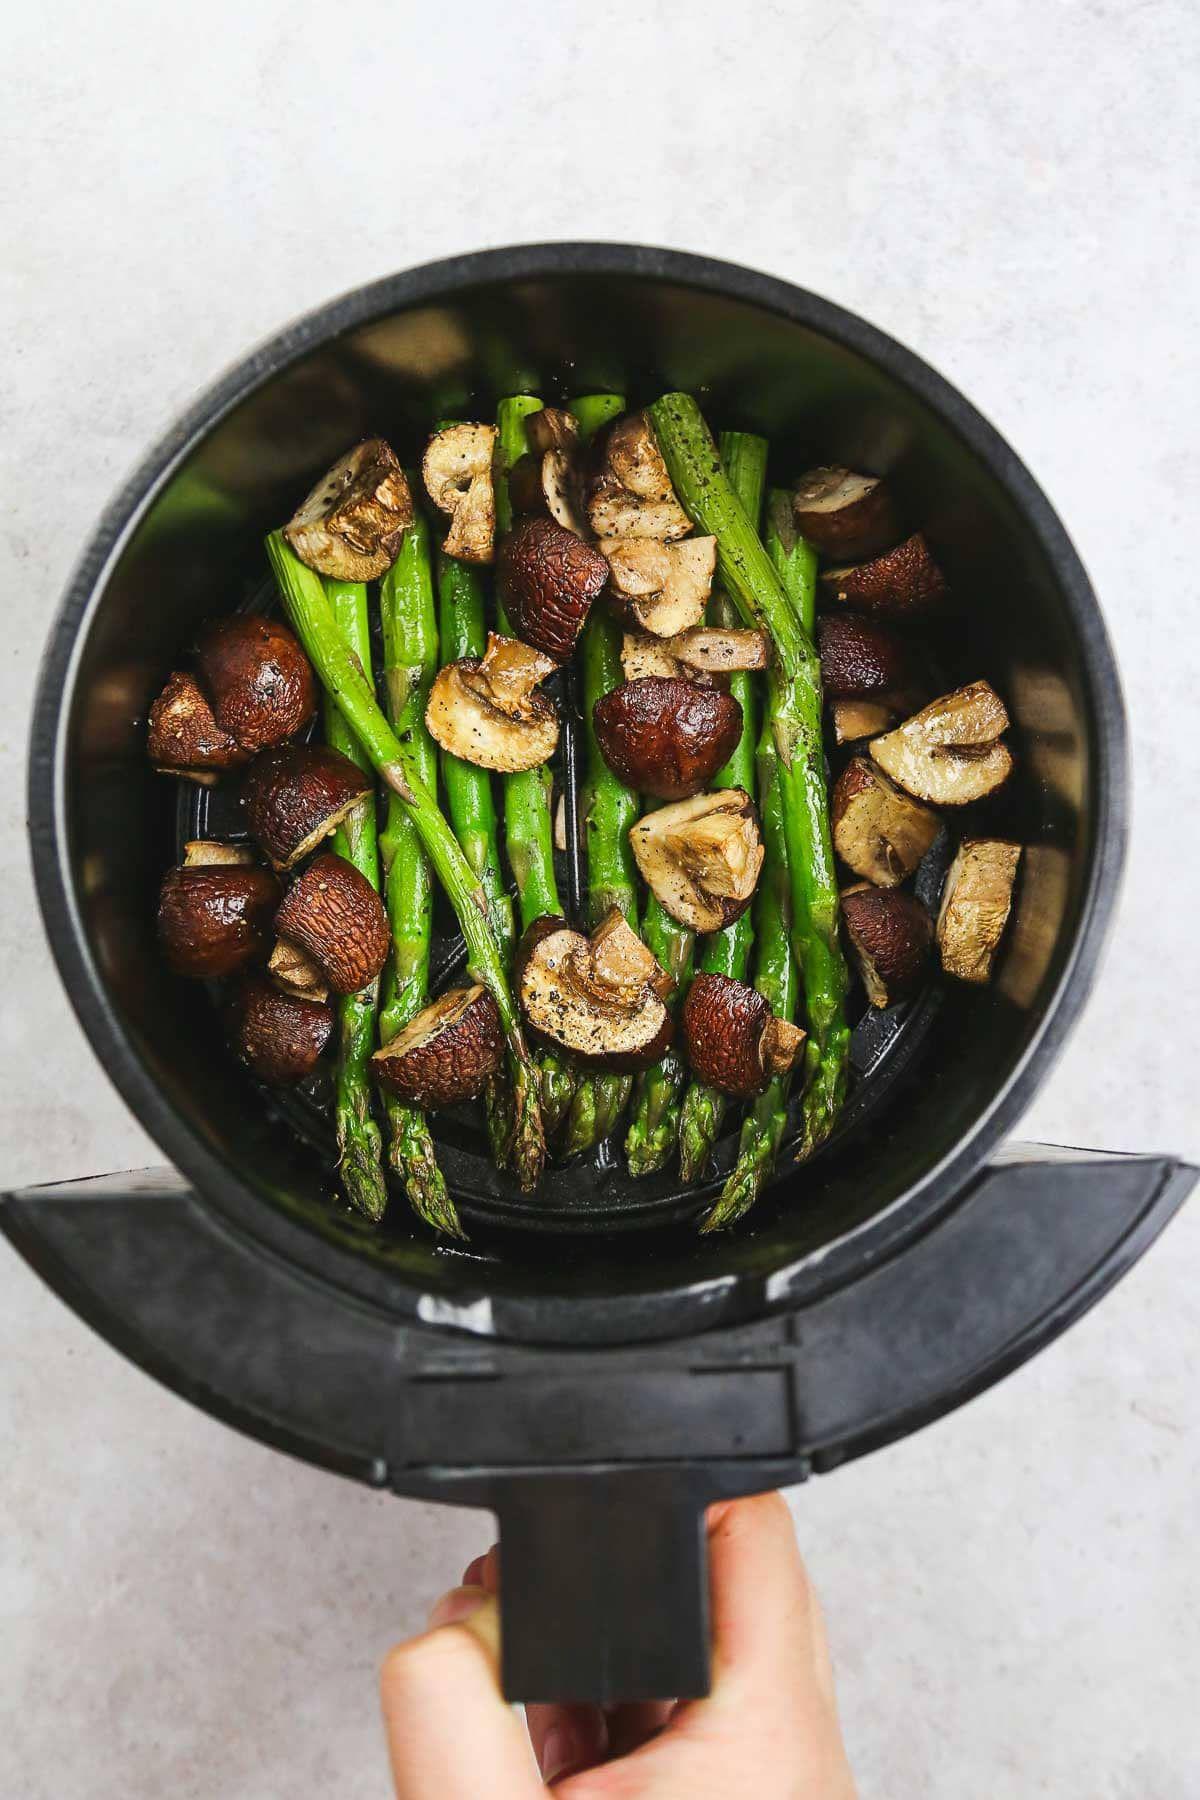 Air fryer Asparagus and mushrooms Asparagus and